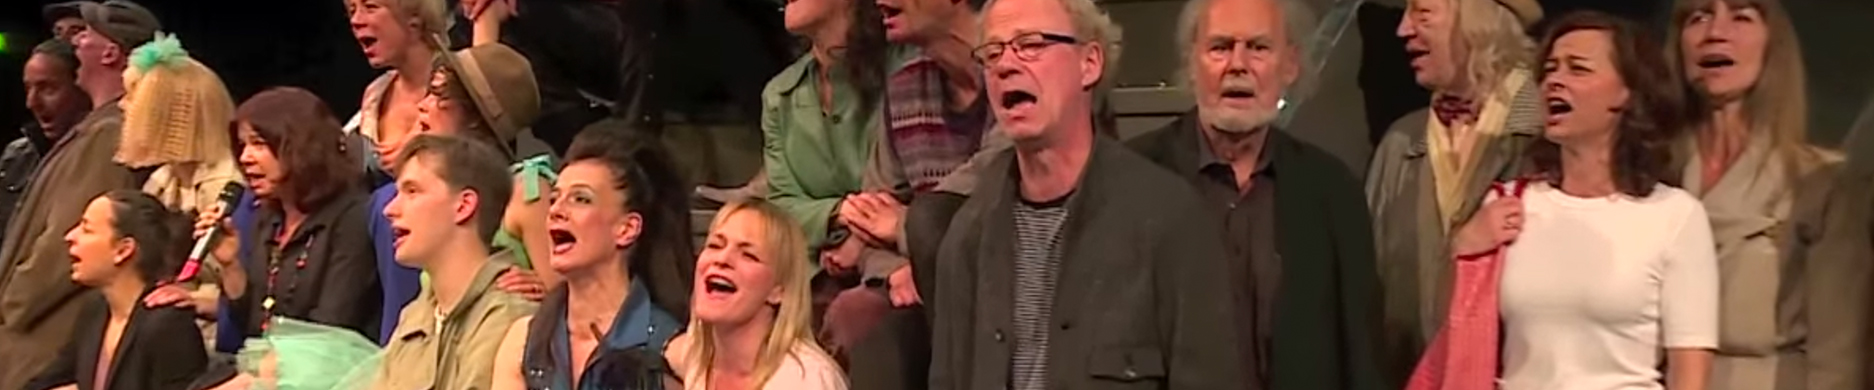 Alle singen zusammen Marais Lied